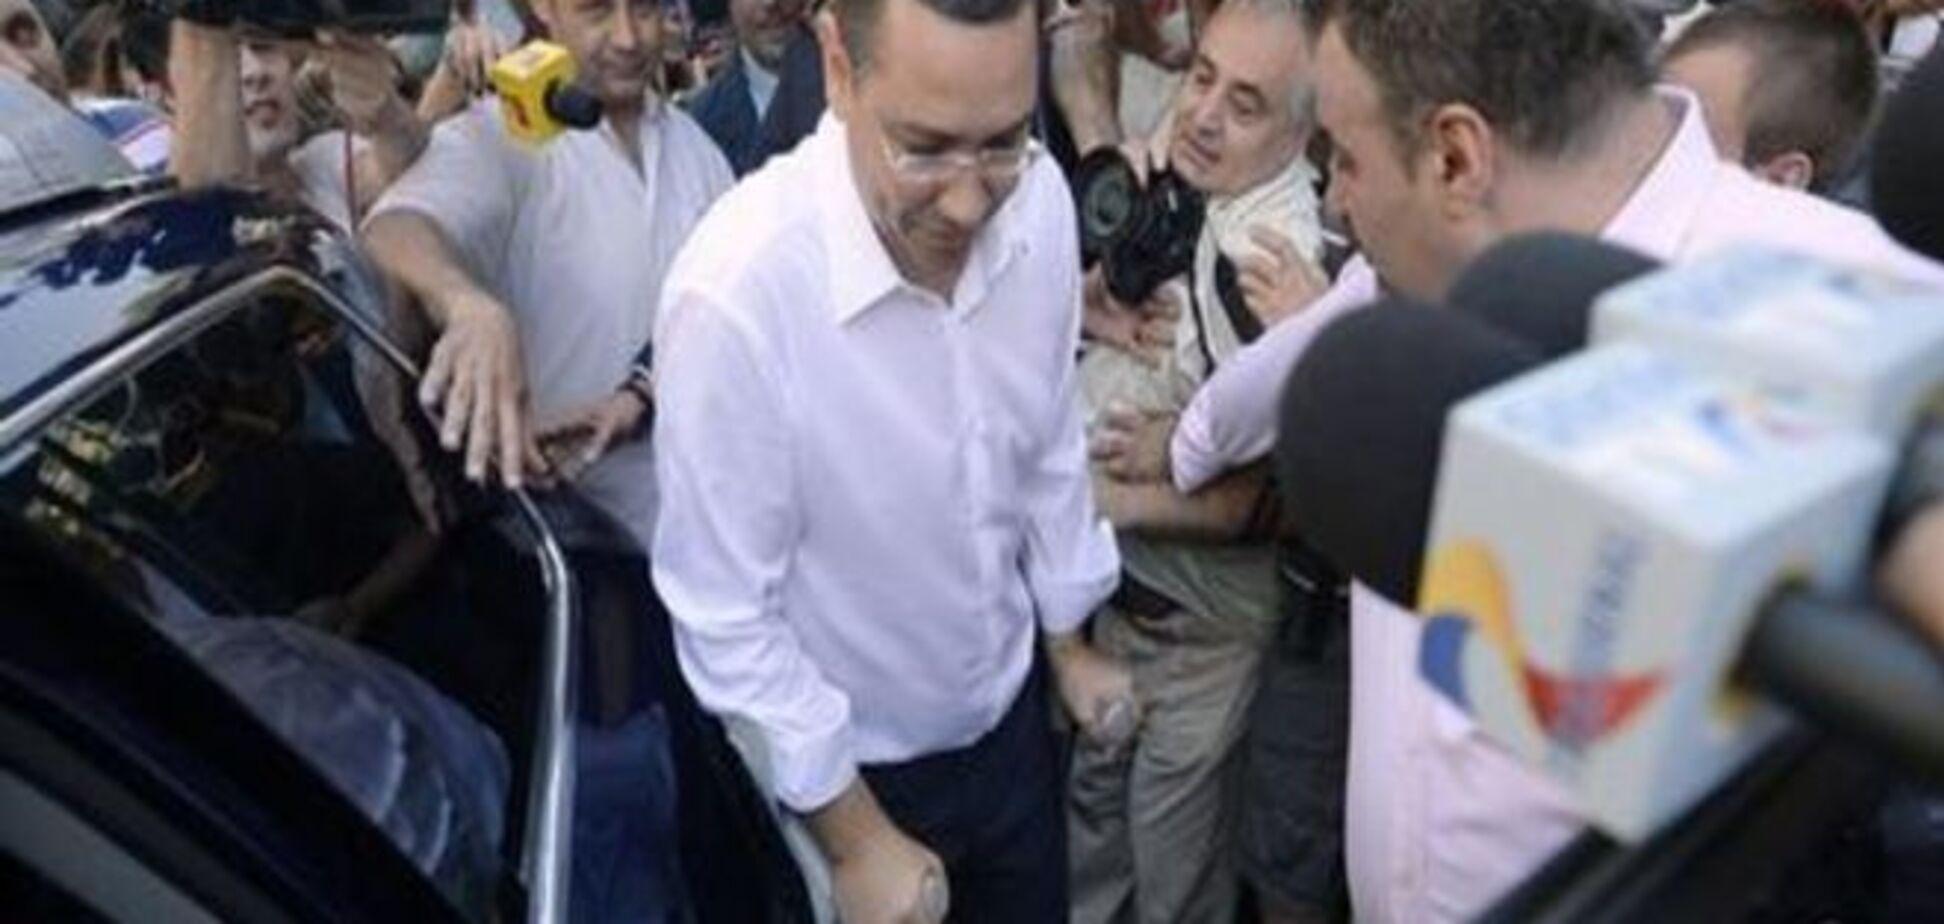 Обвинувачений у корупції прем'єр Румунії втрачає підтримку